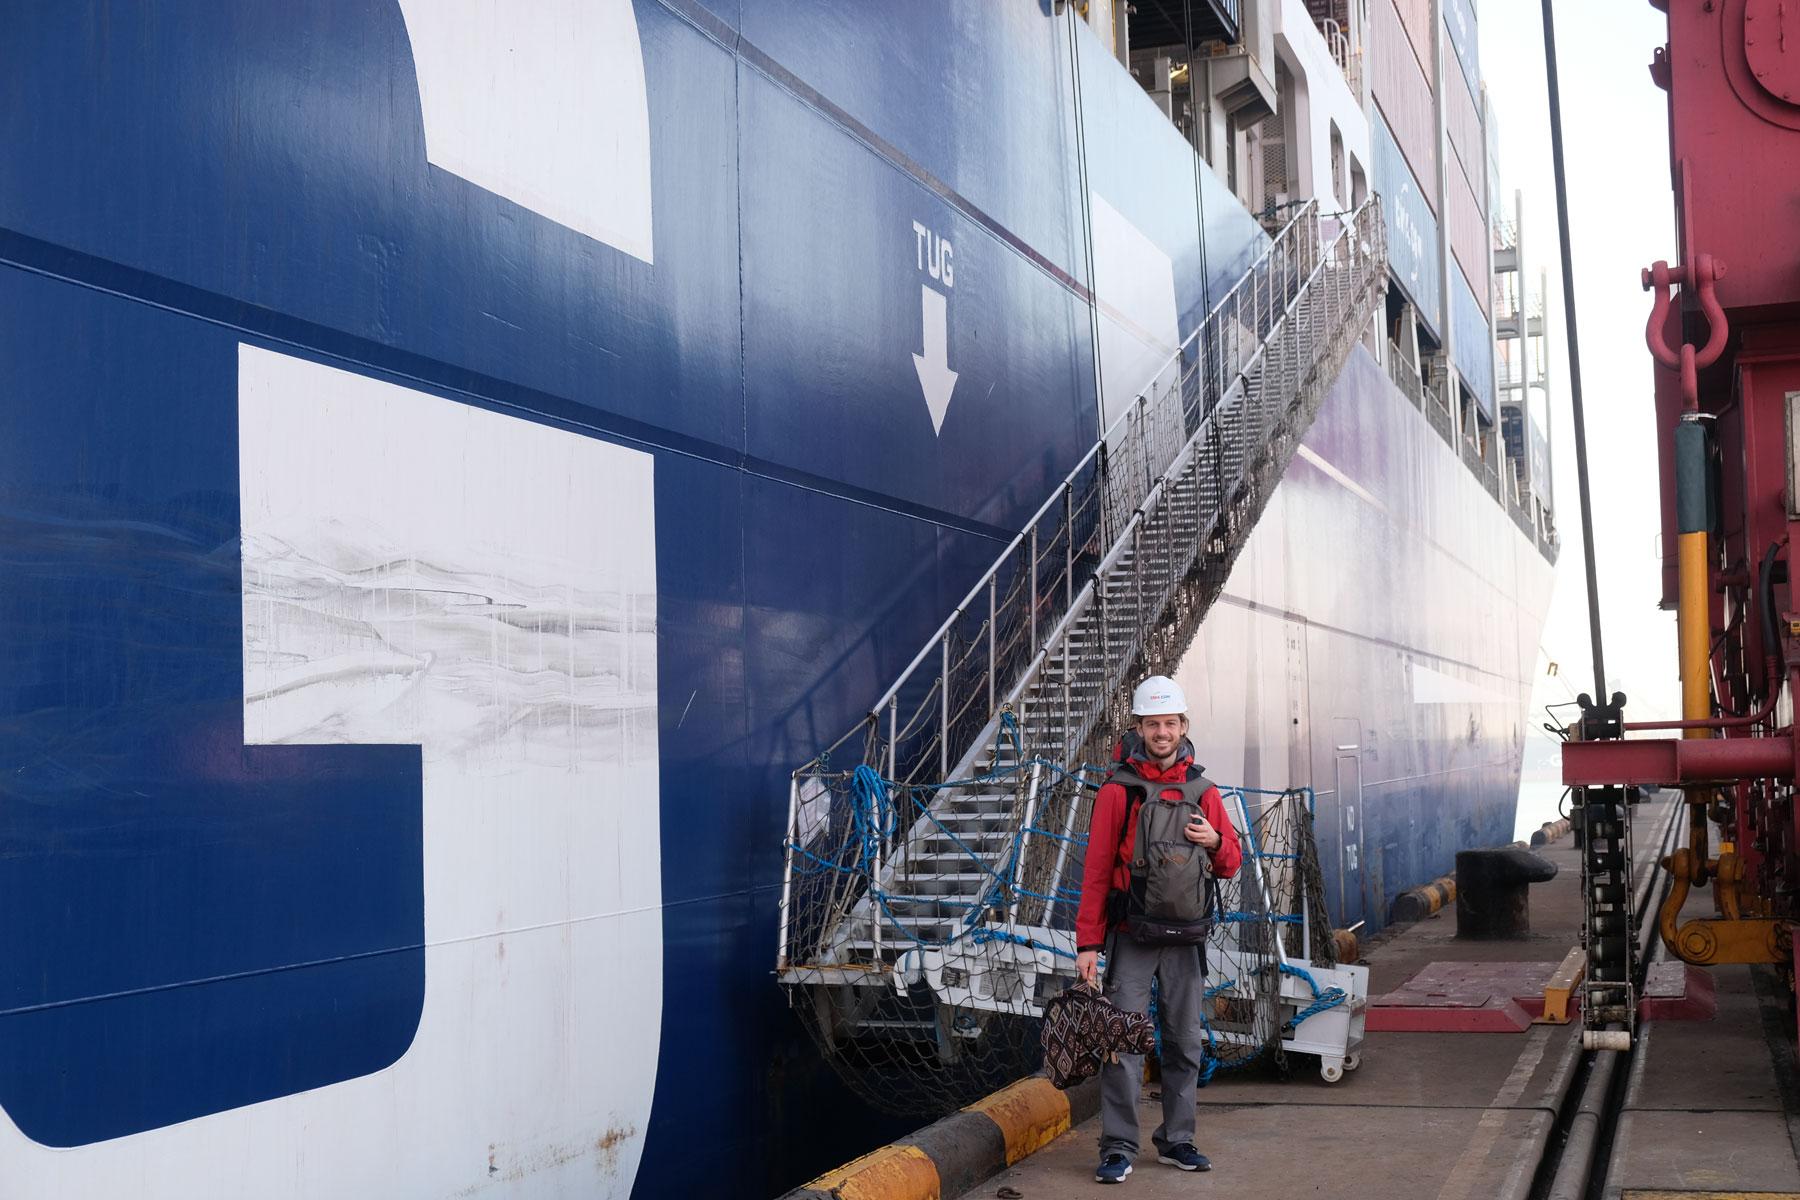 Sebastian steht vor unserem beeindruckend großen Schiff Jacques Jospeh, hinter ihm ist die Gangway zu sehen.